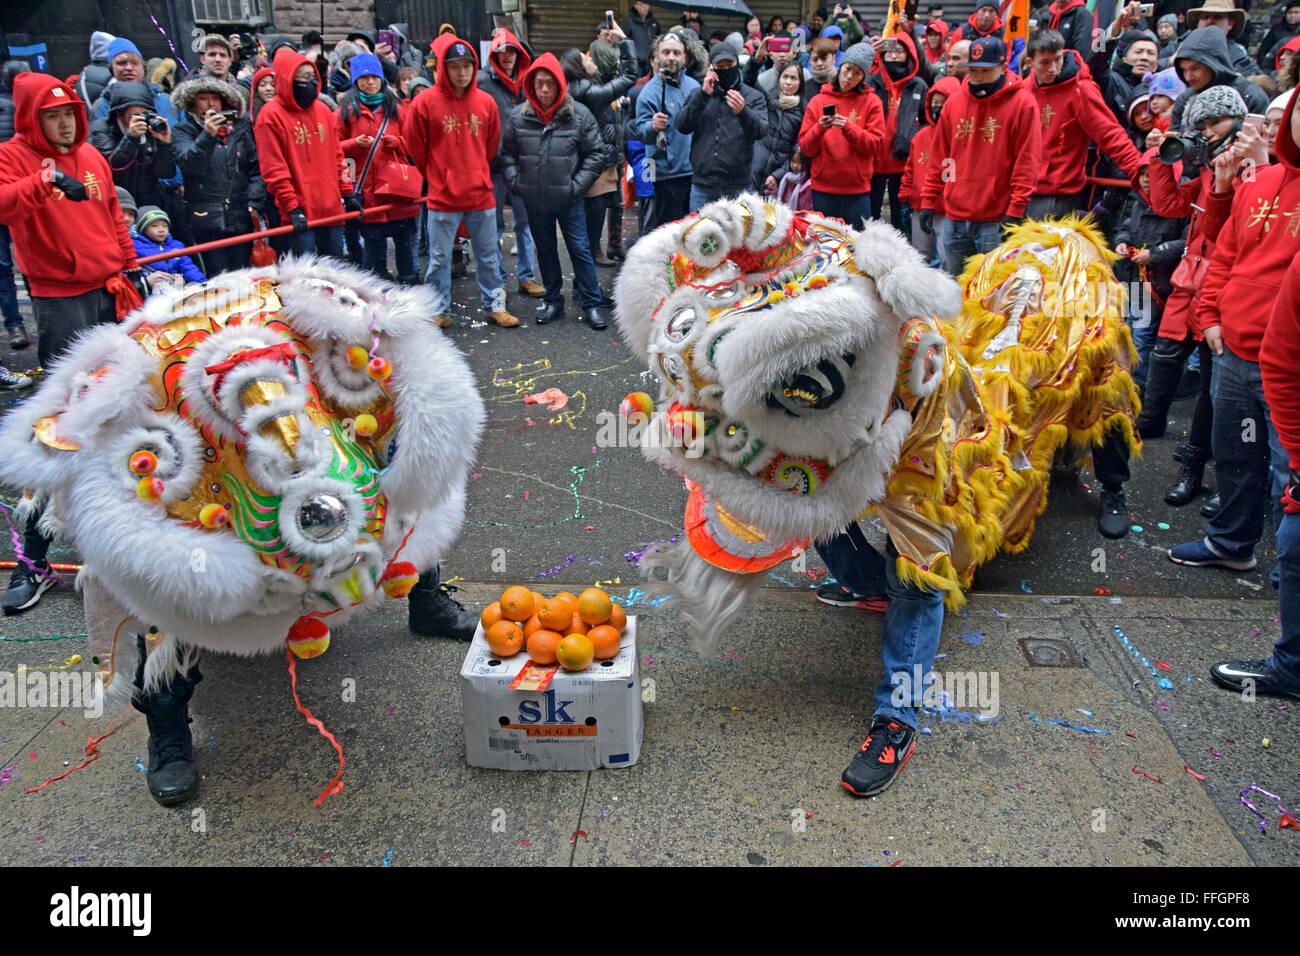 Dragon-Tänzer tanzen für Wohlstand auf Doyers Street in NYC Chinatown auf 2016 Lunar New Year Day Parade. Stockbild